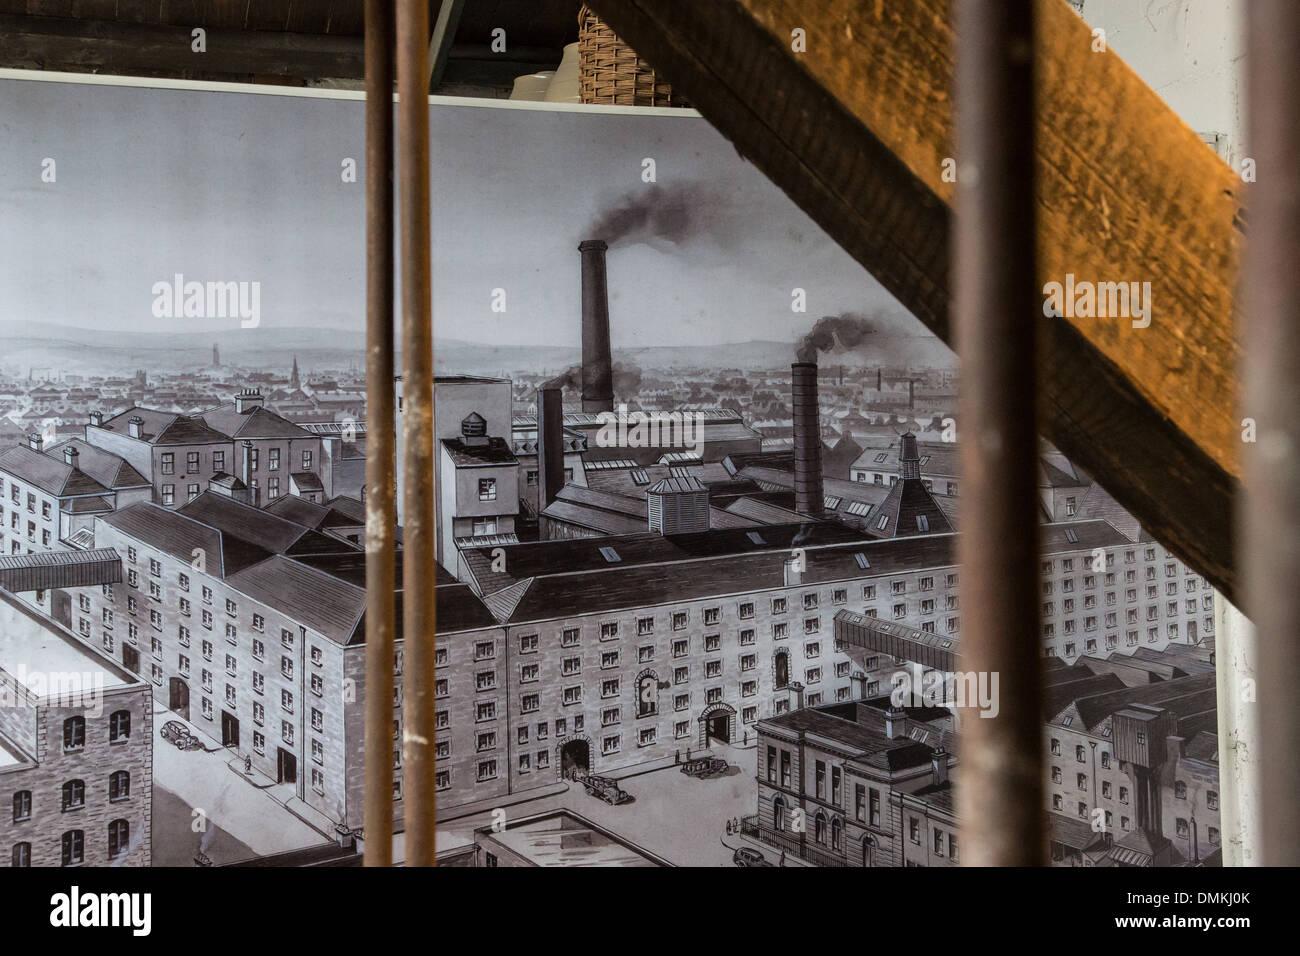 Periodo MAPPA DI FABBRICA, la Distilleria Old Jameson, la vecchia distilleria di whisky, BOW Street, Dublin, Irlanda Immagini Stock